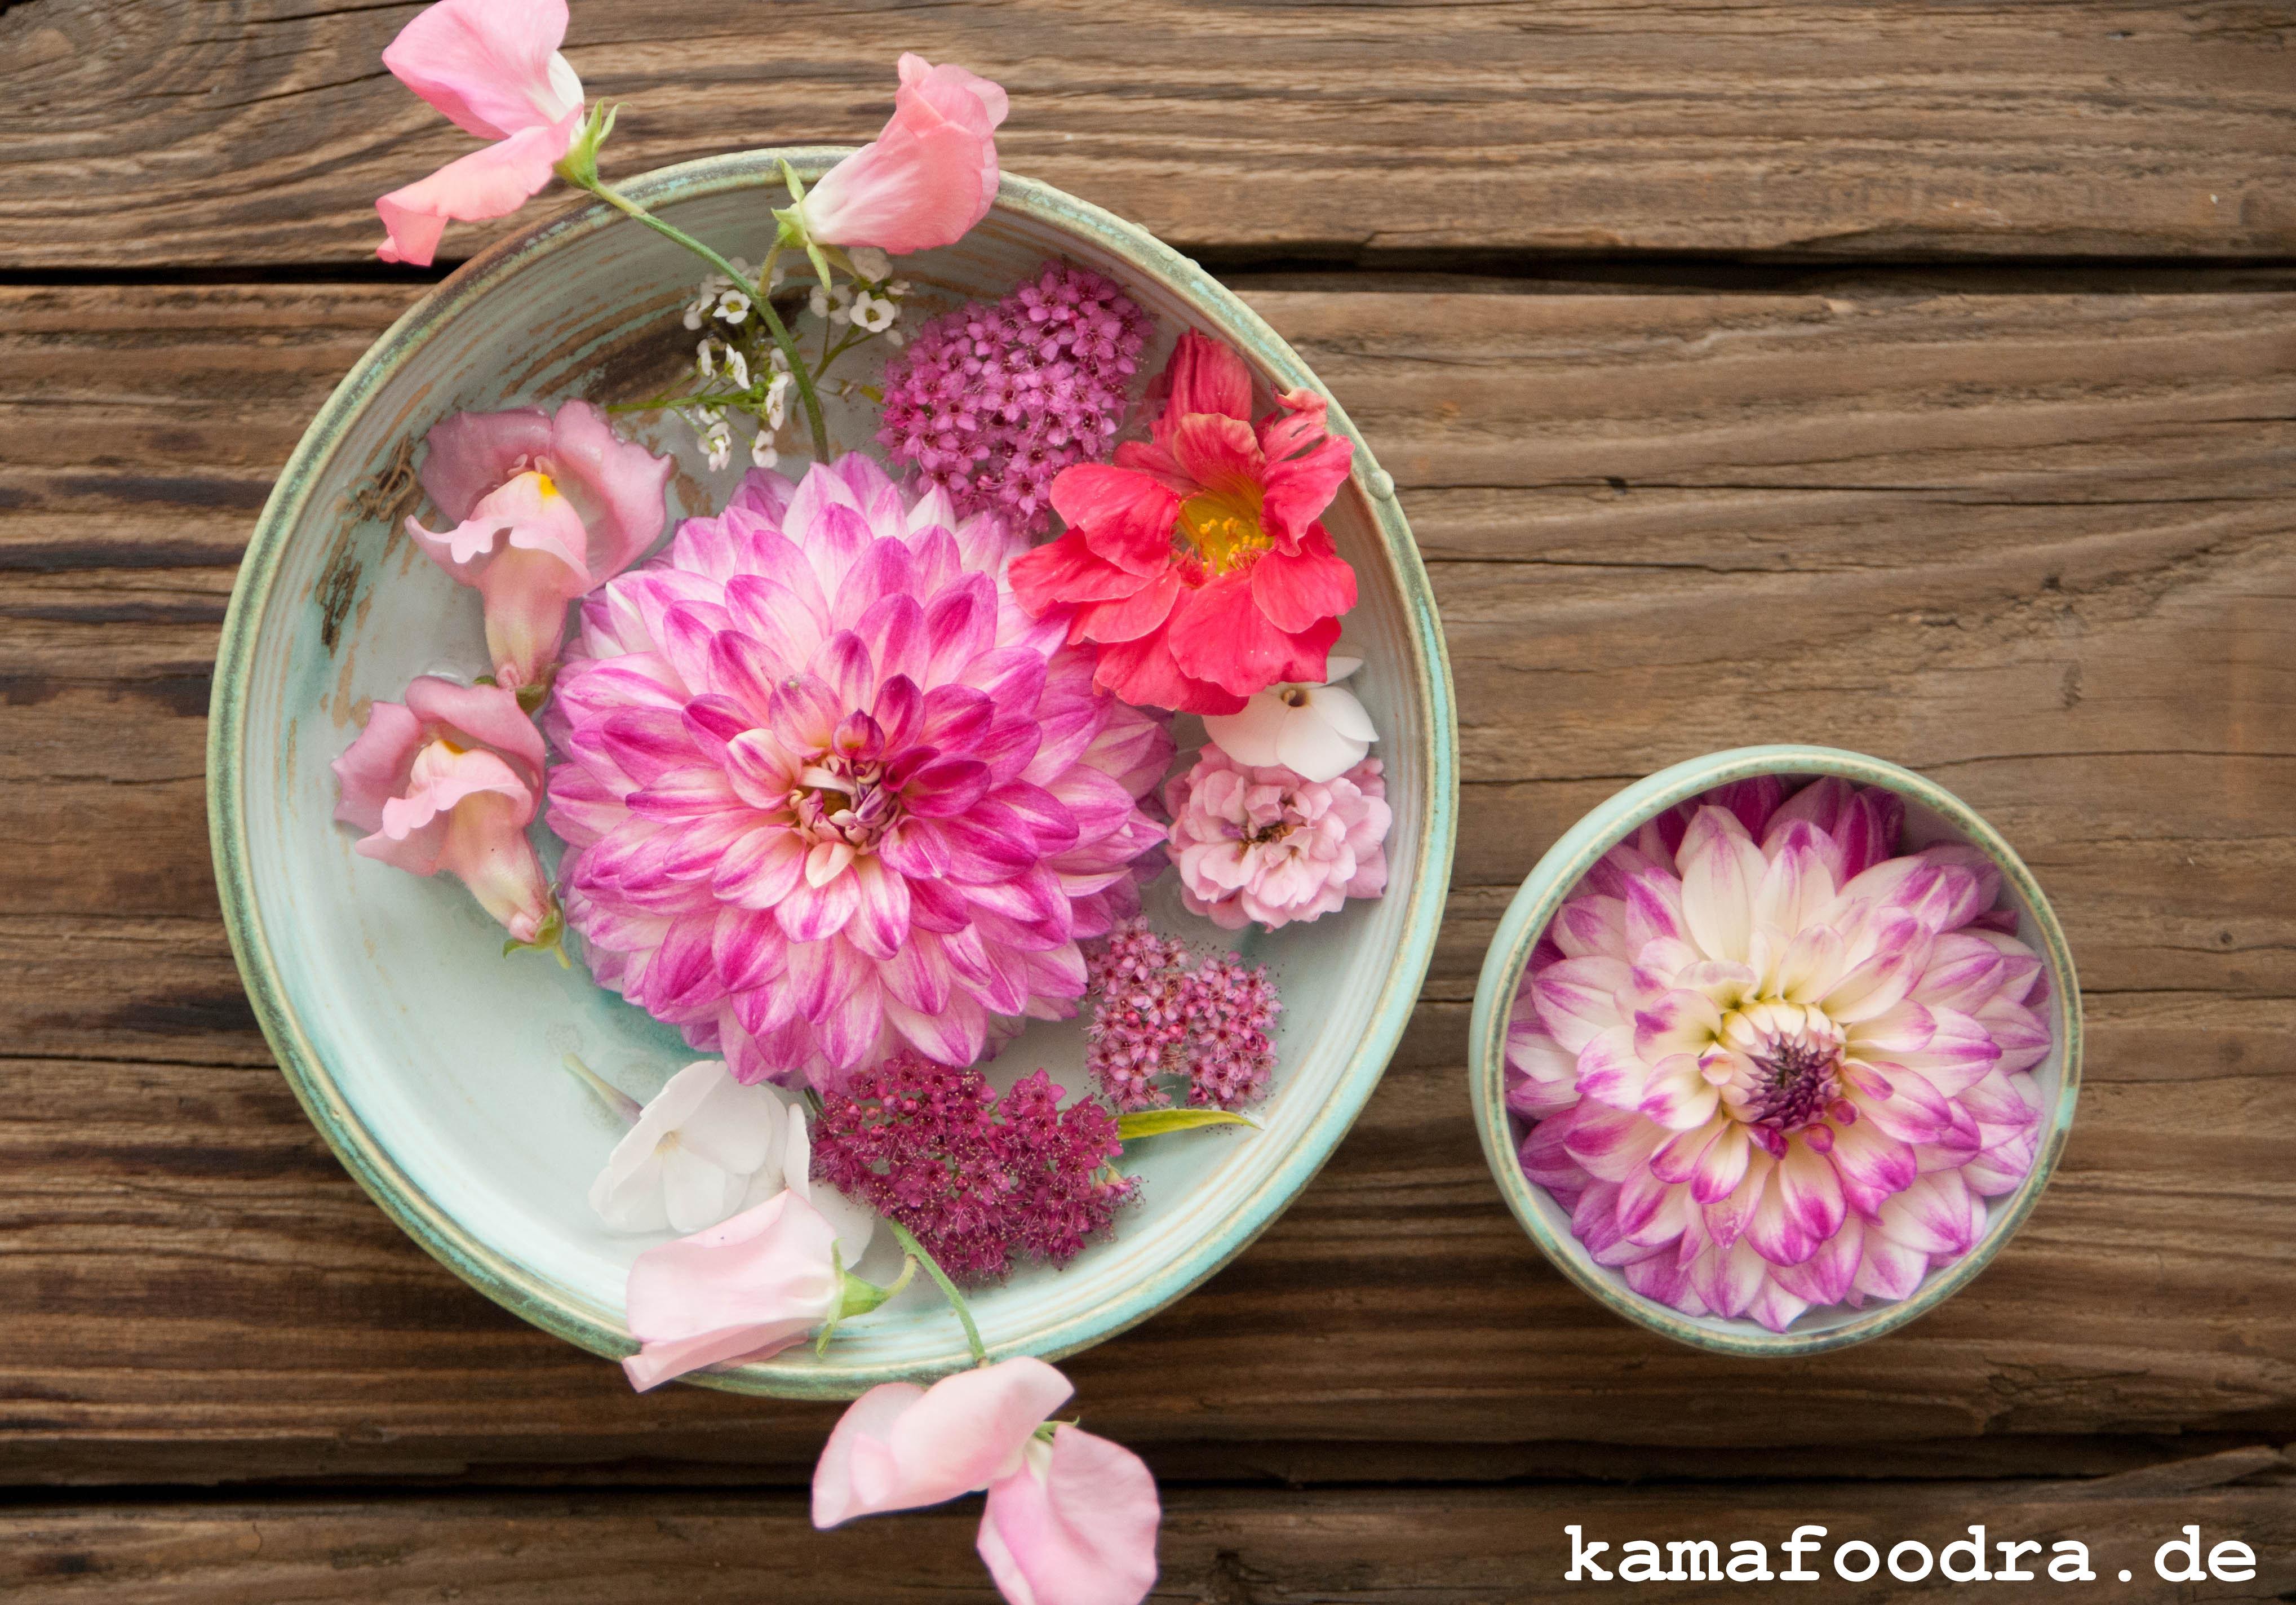 Blumen1 (1 von 1)